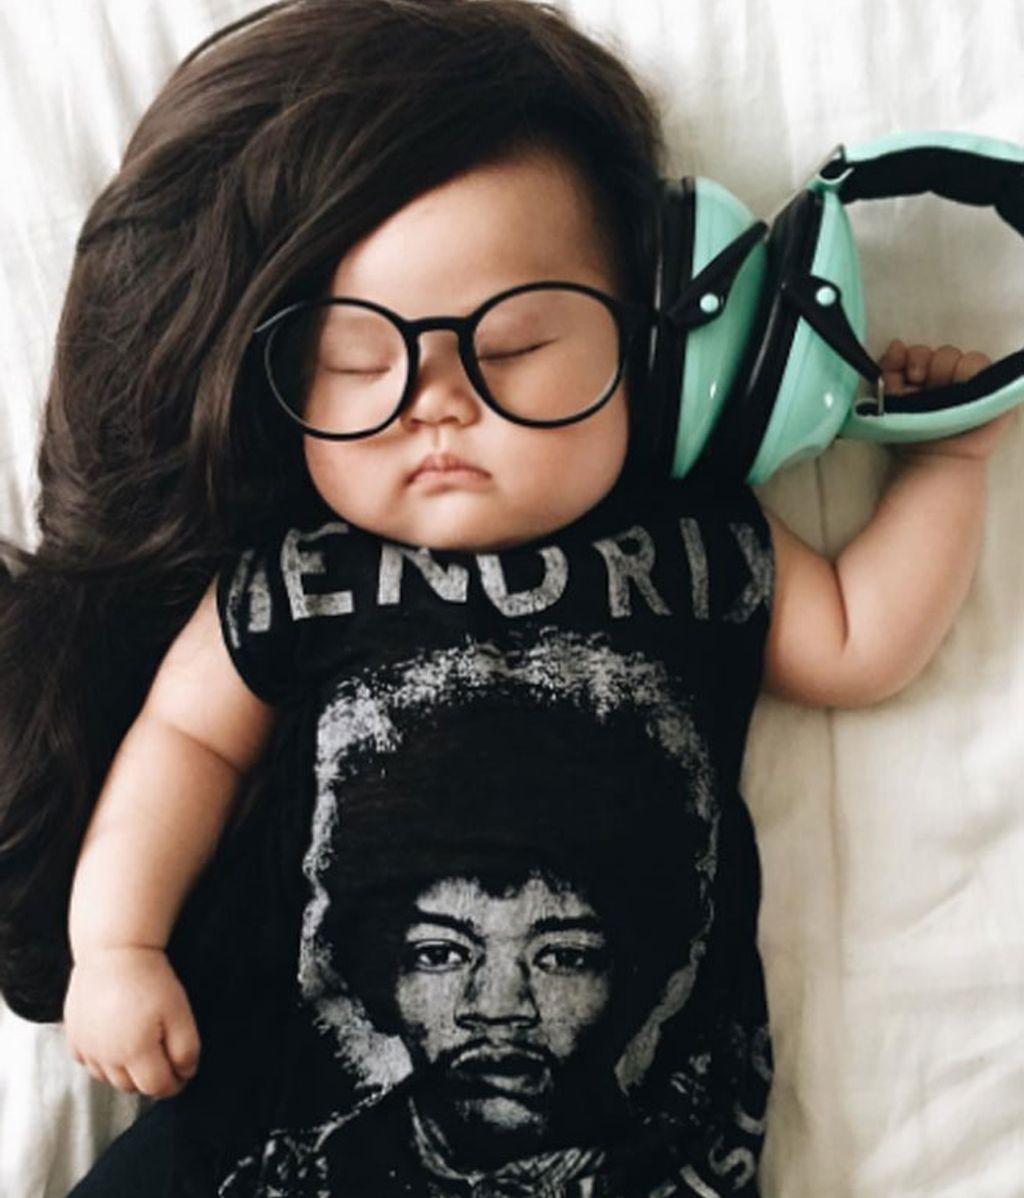 Fotografía a su hija disfrazada de populares personajes